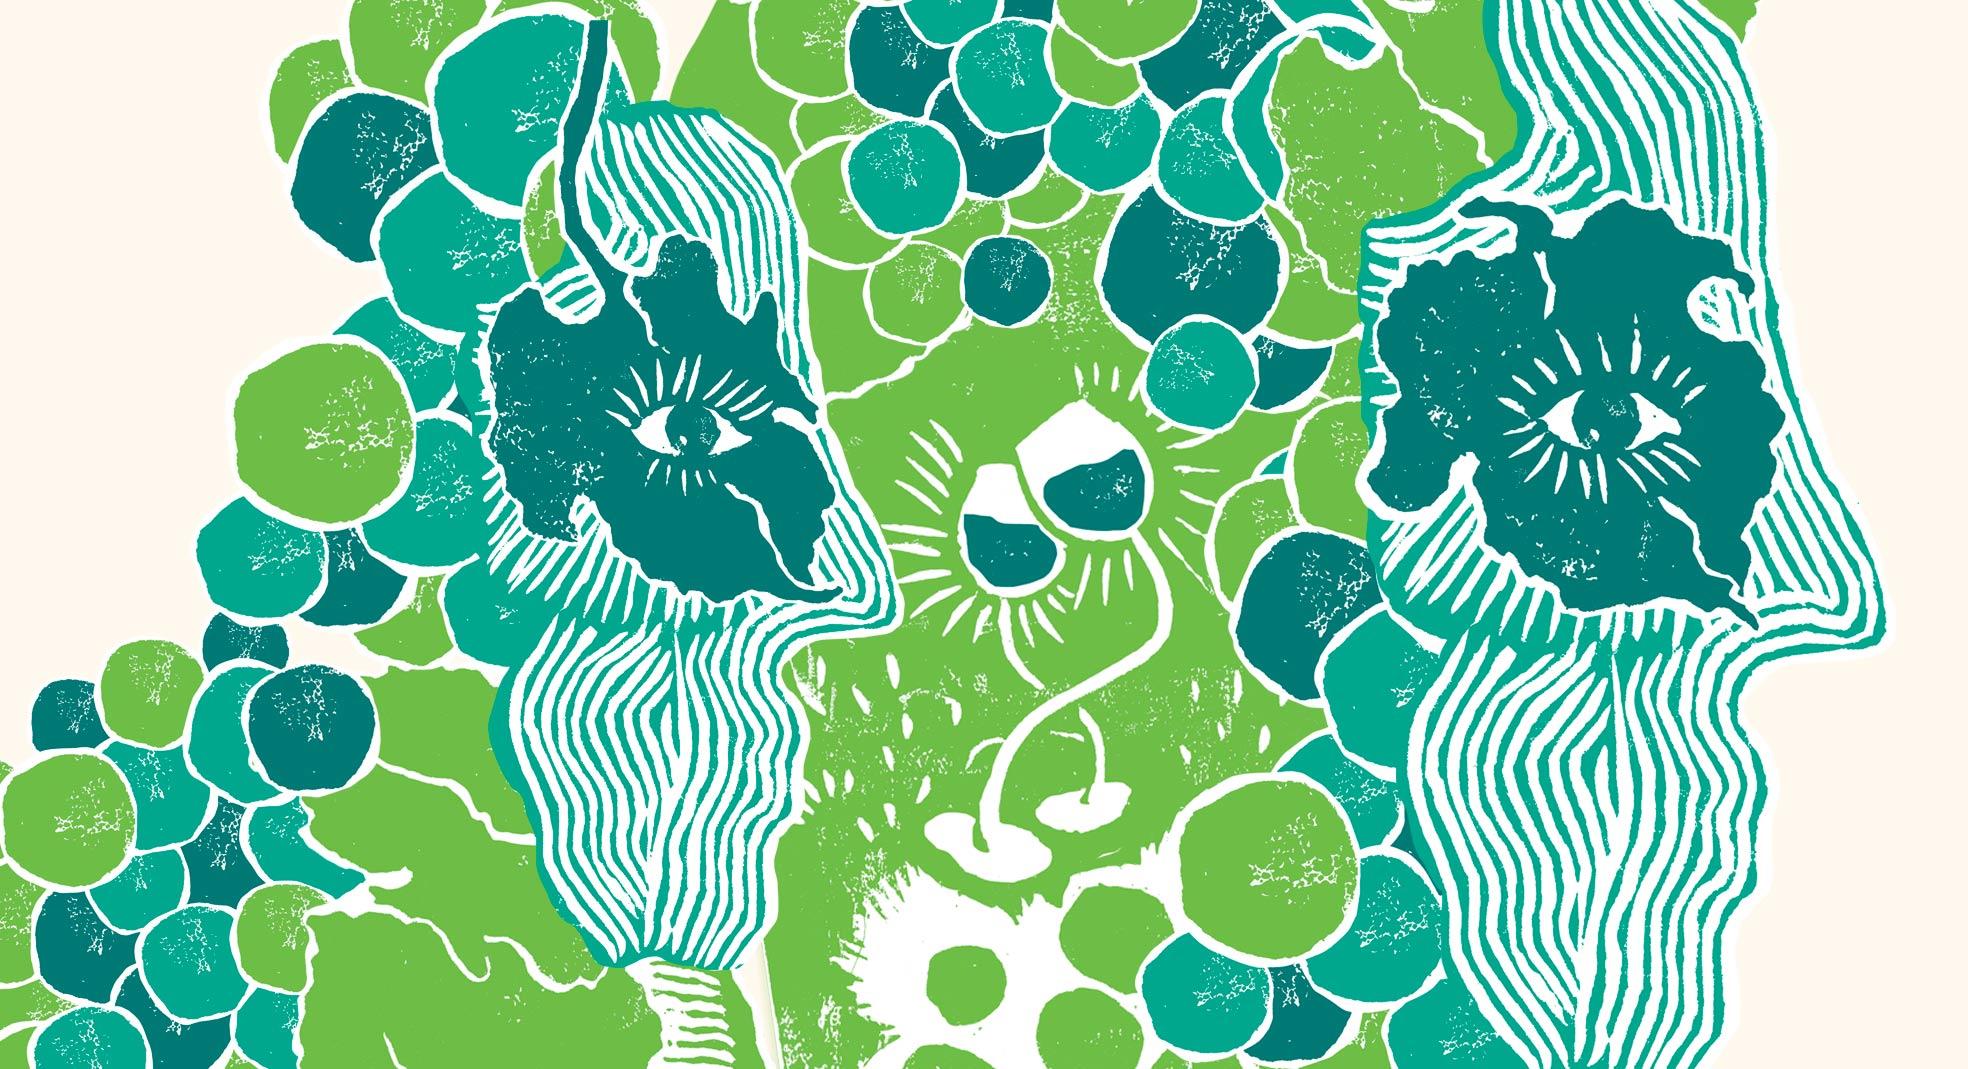 Salondesvinsvivants2020-affiche-24